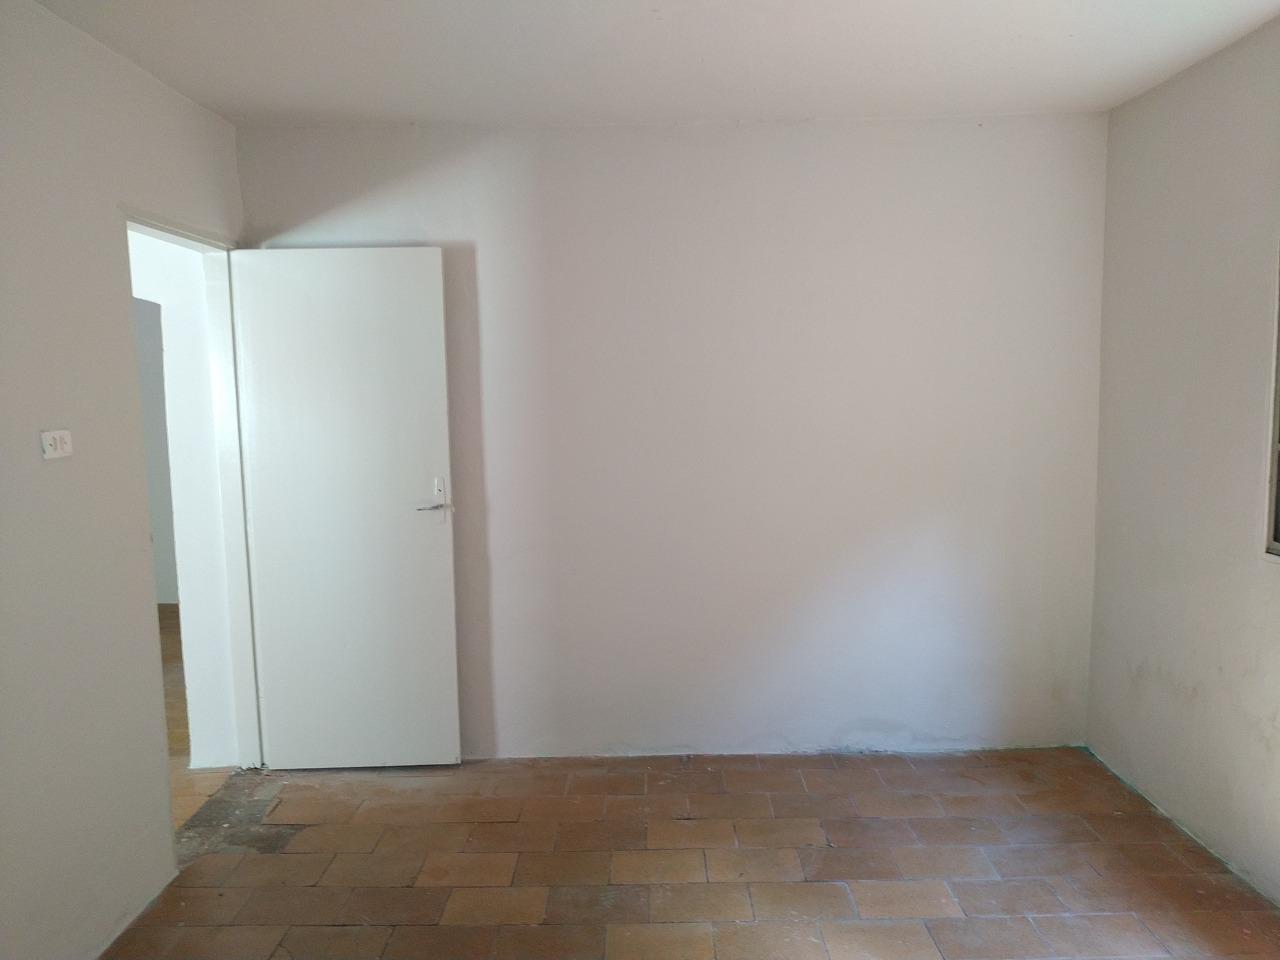 Casa para alugar, 3 quartos, no bairro Residencial Parque Bom Retiro em Rio das Pedras - SP